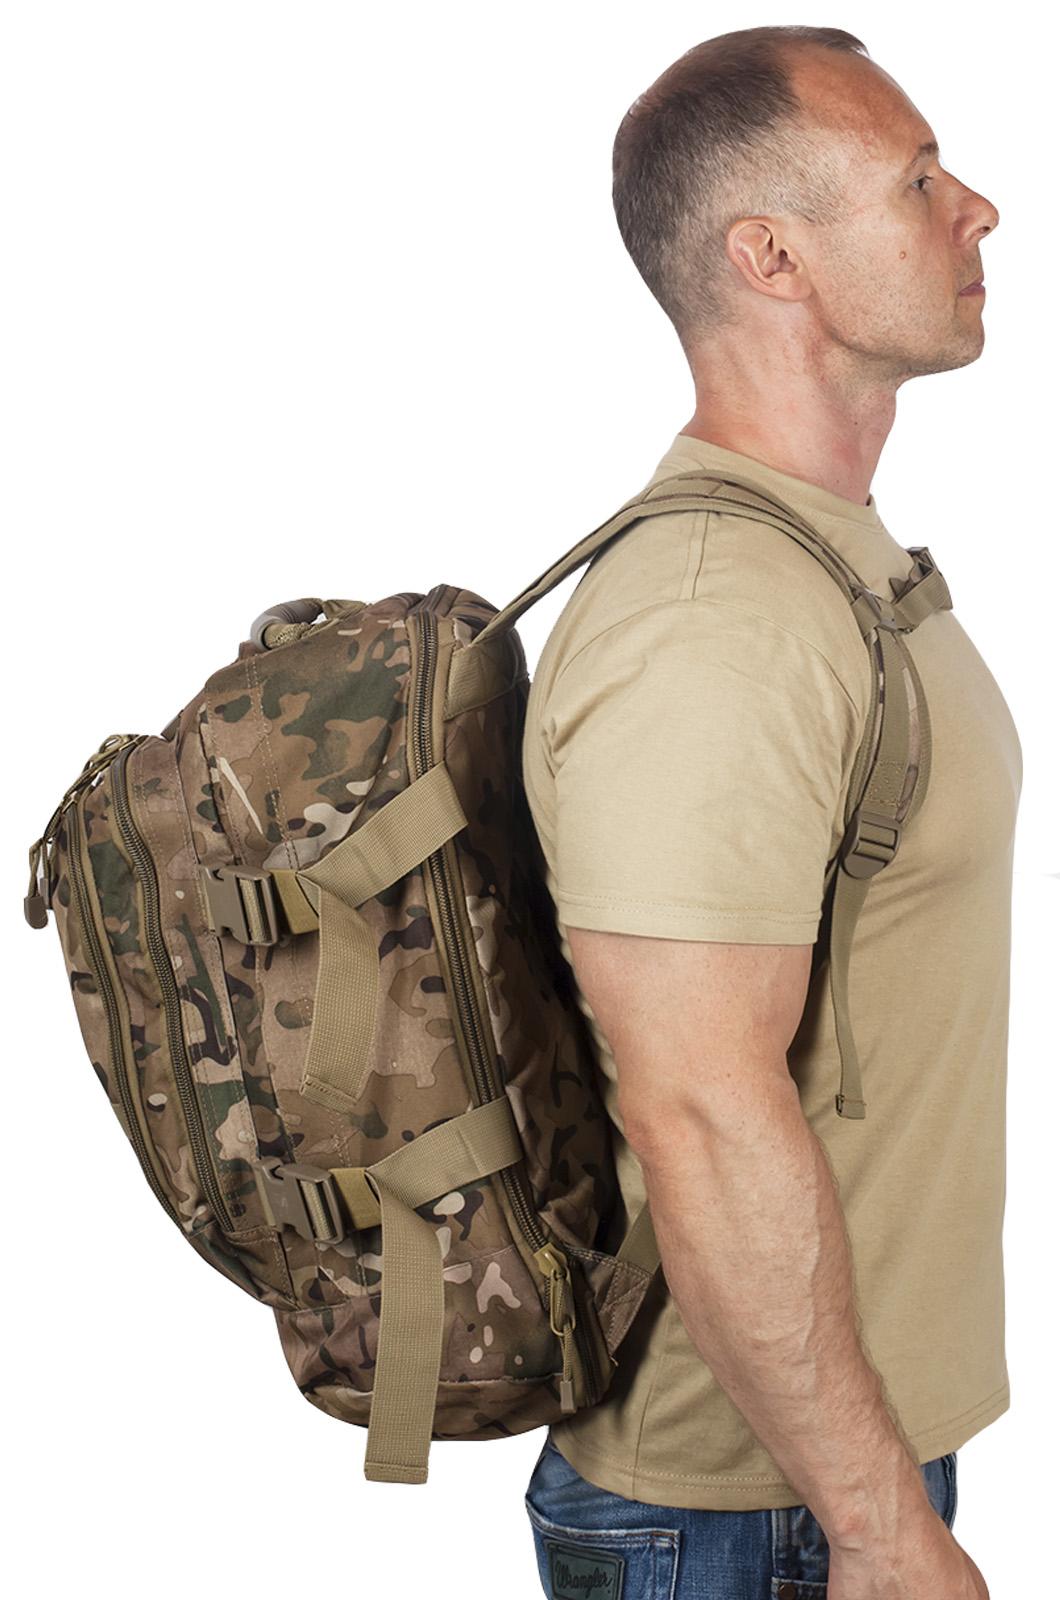 Зачетный трехдневный рюкзак с нашивкой Потомственный Казак - купить онлайн